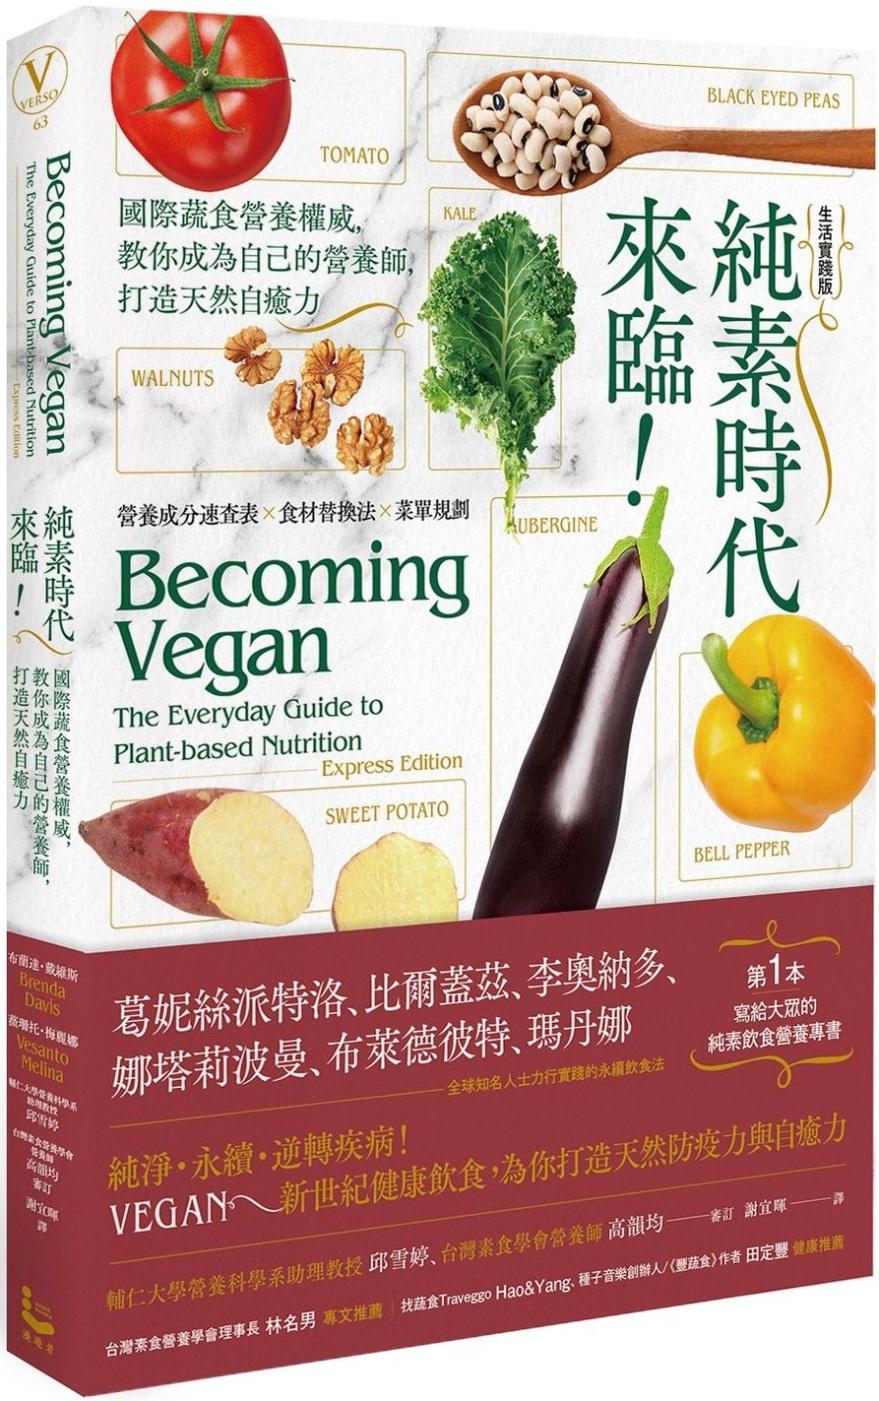 純素時代來臨!國際蔬食營養權威...